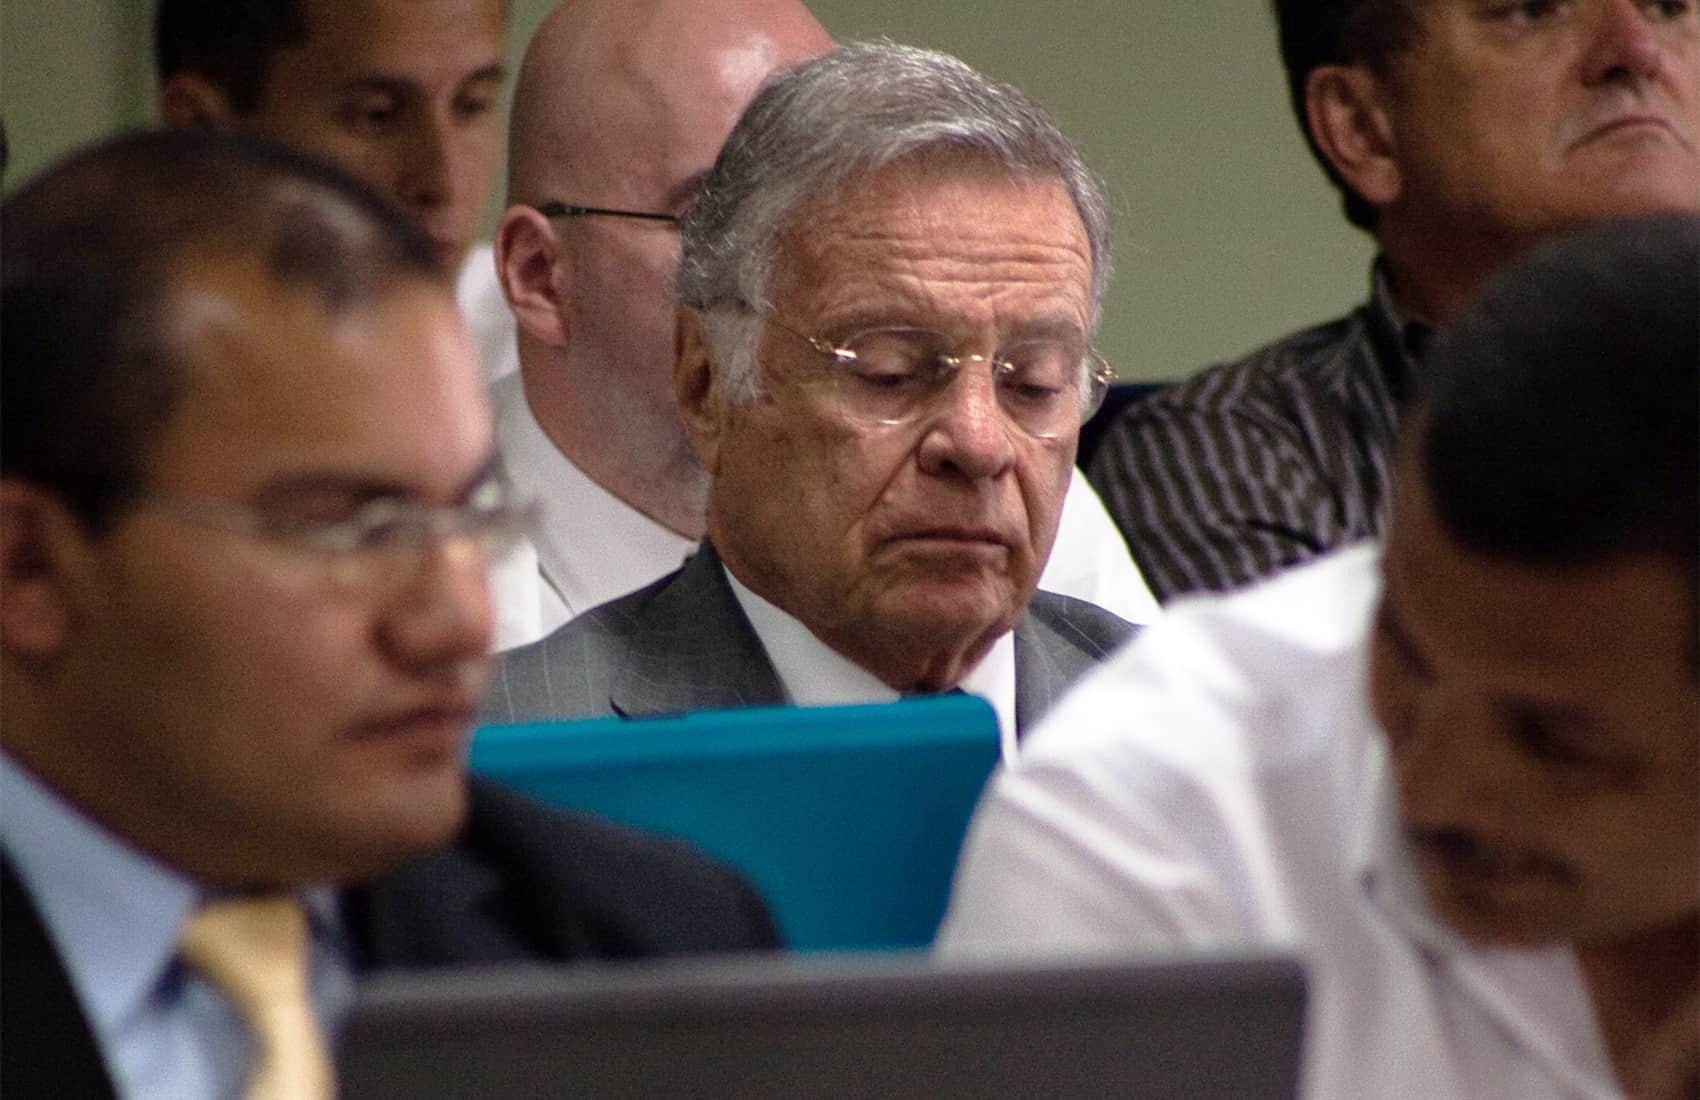 Costa Rica ex-President Miguel Ángel Rodríguez Echeverría